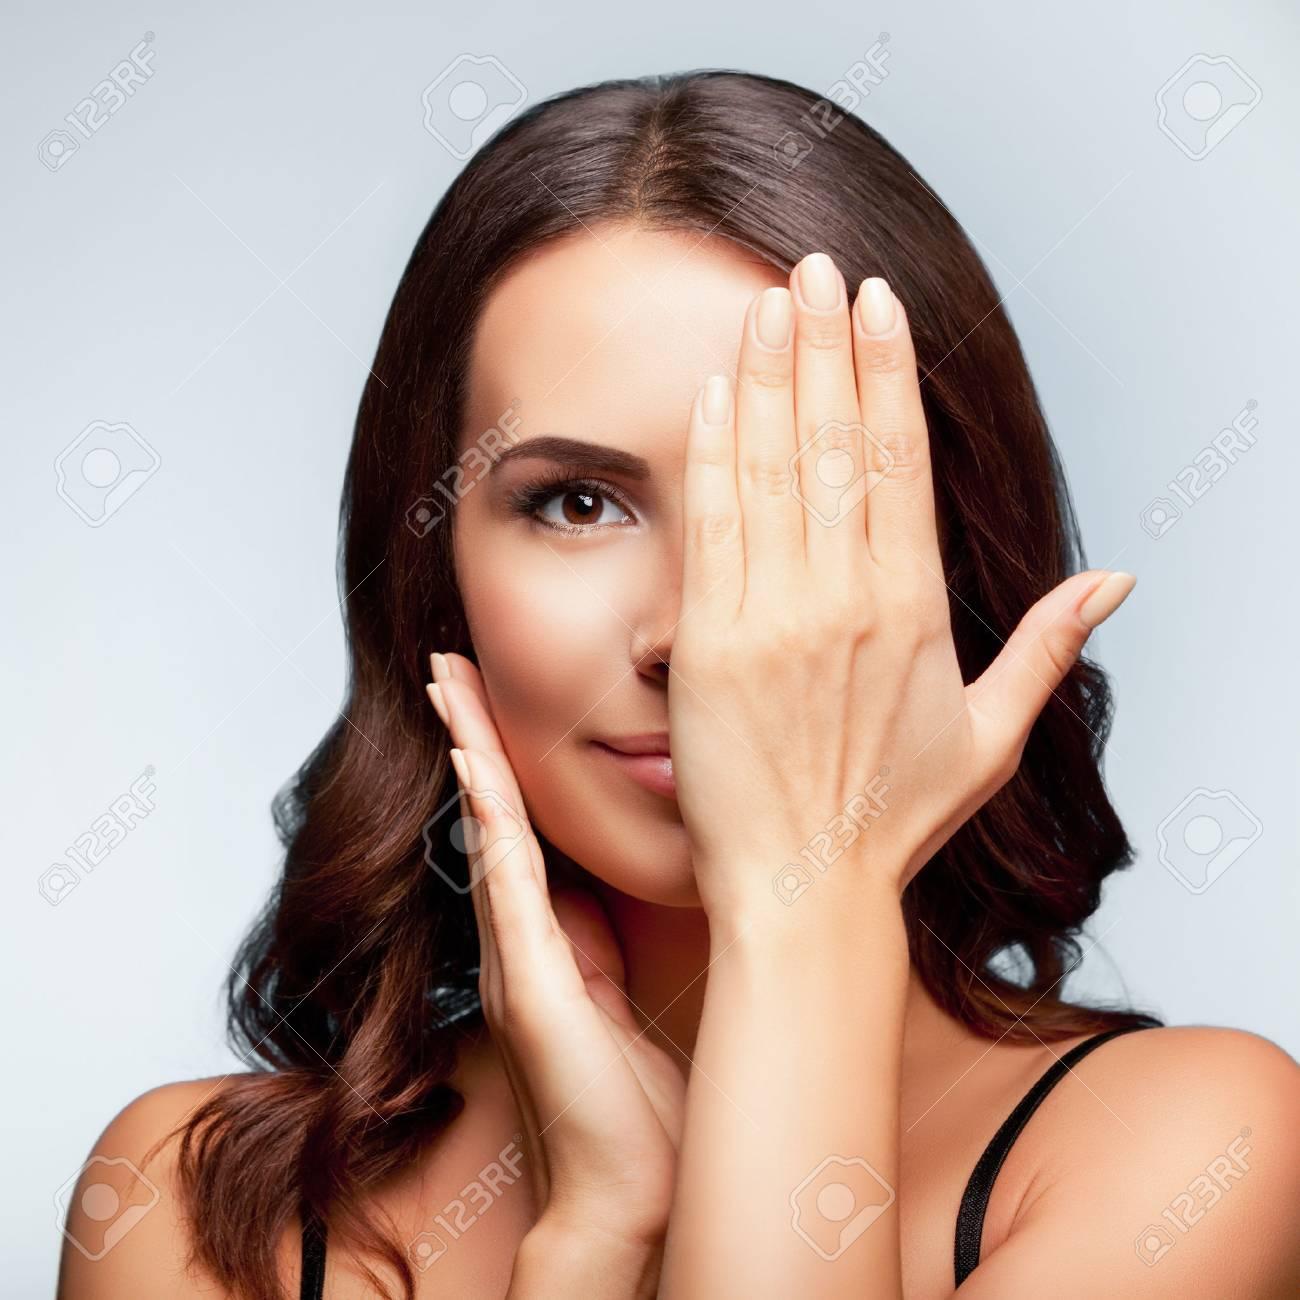 jeune femme souriante, l'?il, clossed à la main, couvrant une partie de son visage, sur fond gris clair, composition carré Banque d'images - 44672750